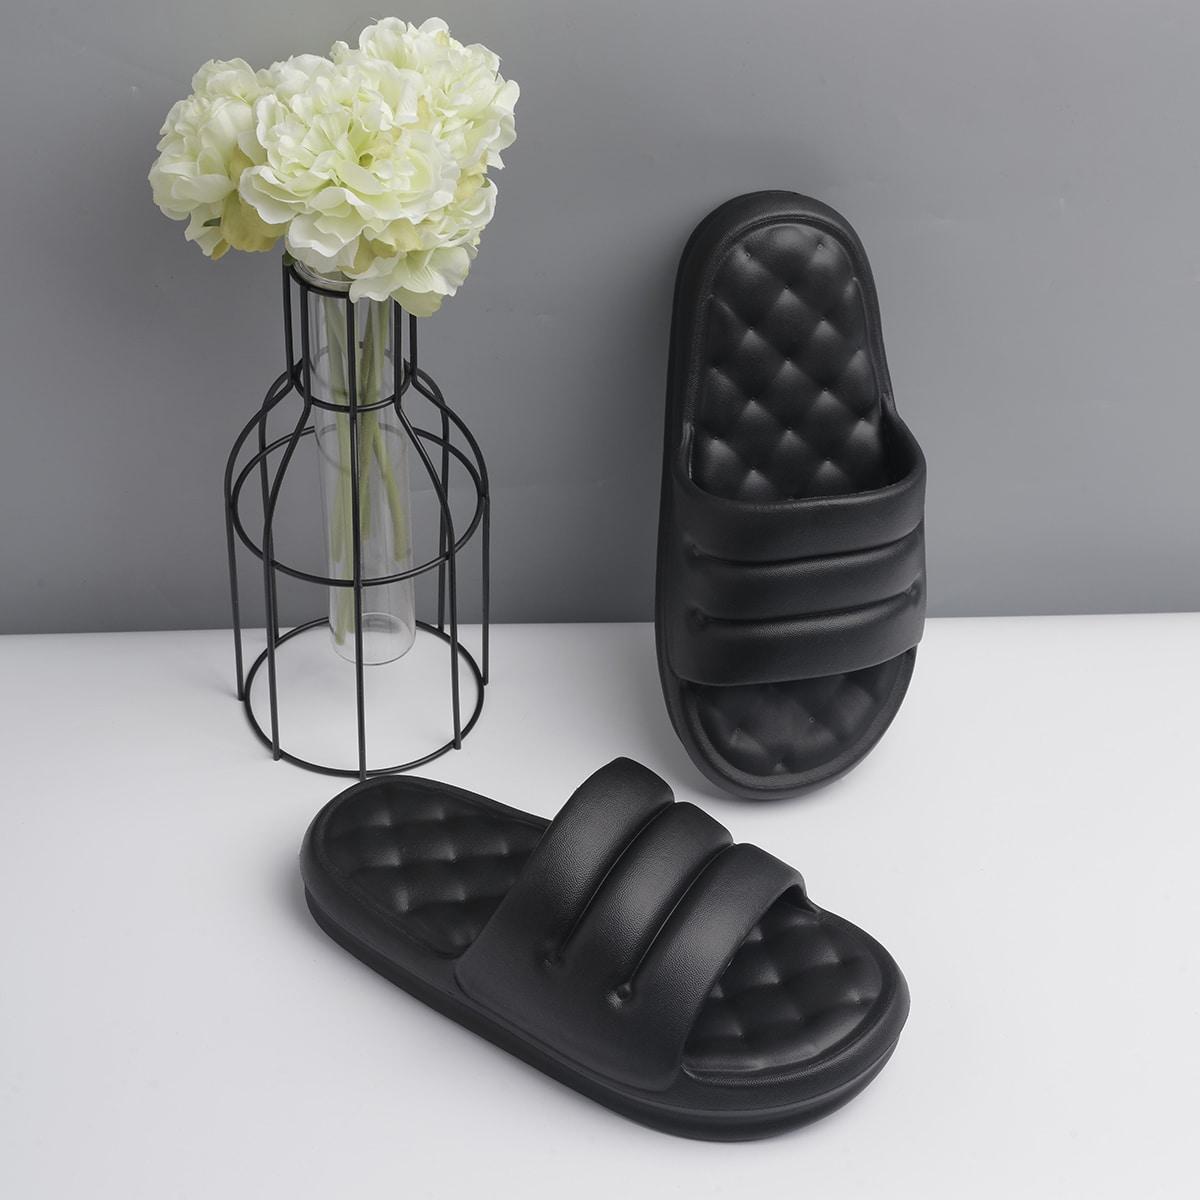 Minimalist Textured Shower Slides